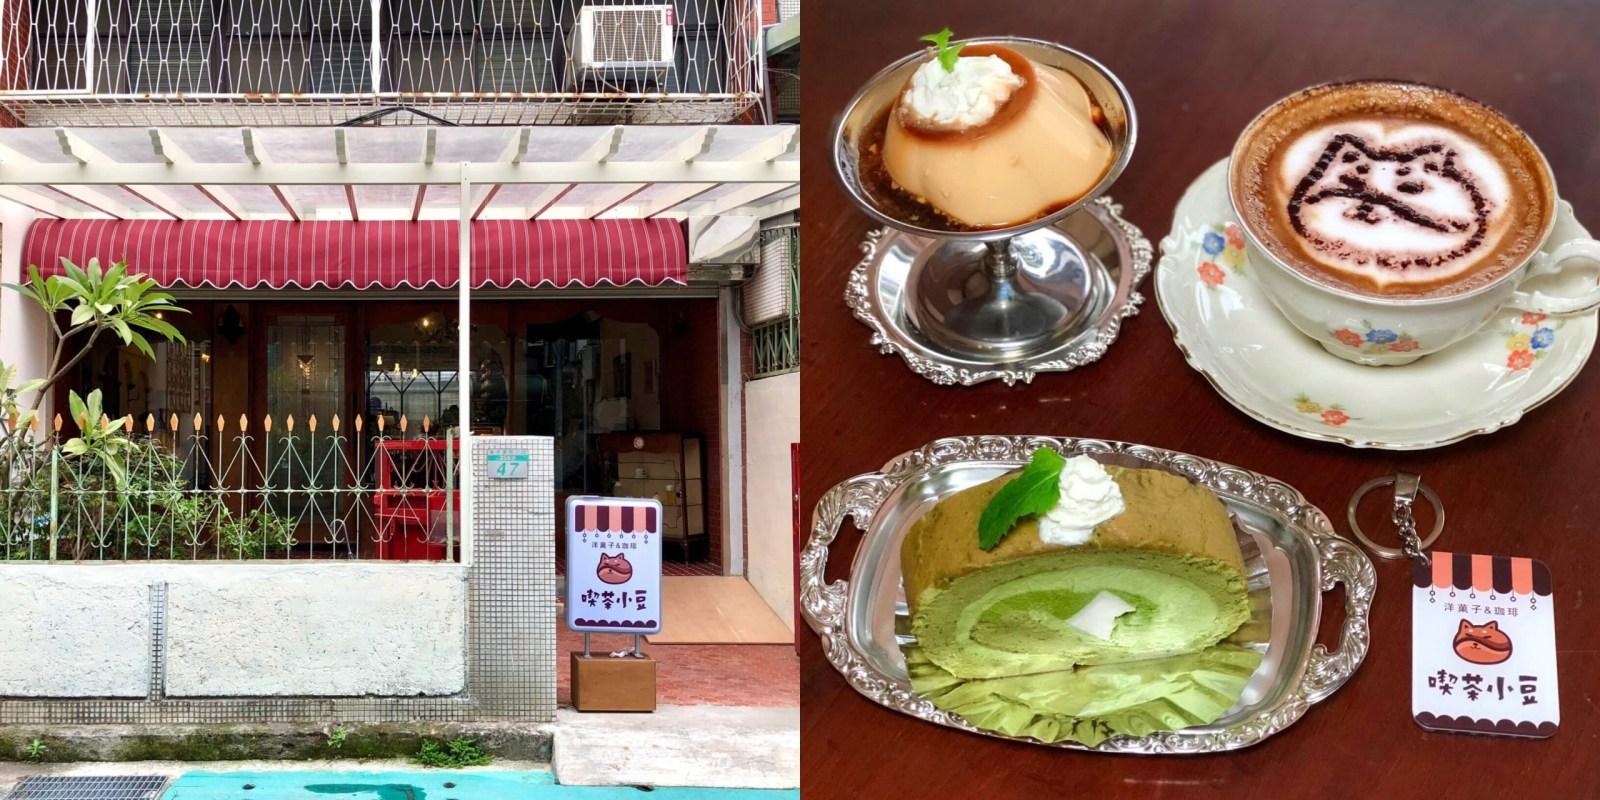 【台北美食】喫茶小豆kissa AZUKi 新開幕!隱藏在巷弄內充滿著濃厚日式氣息的喫茶小店